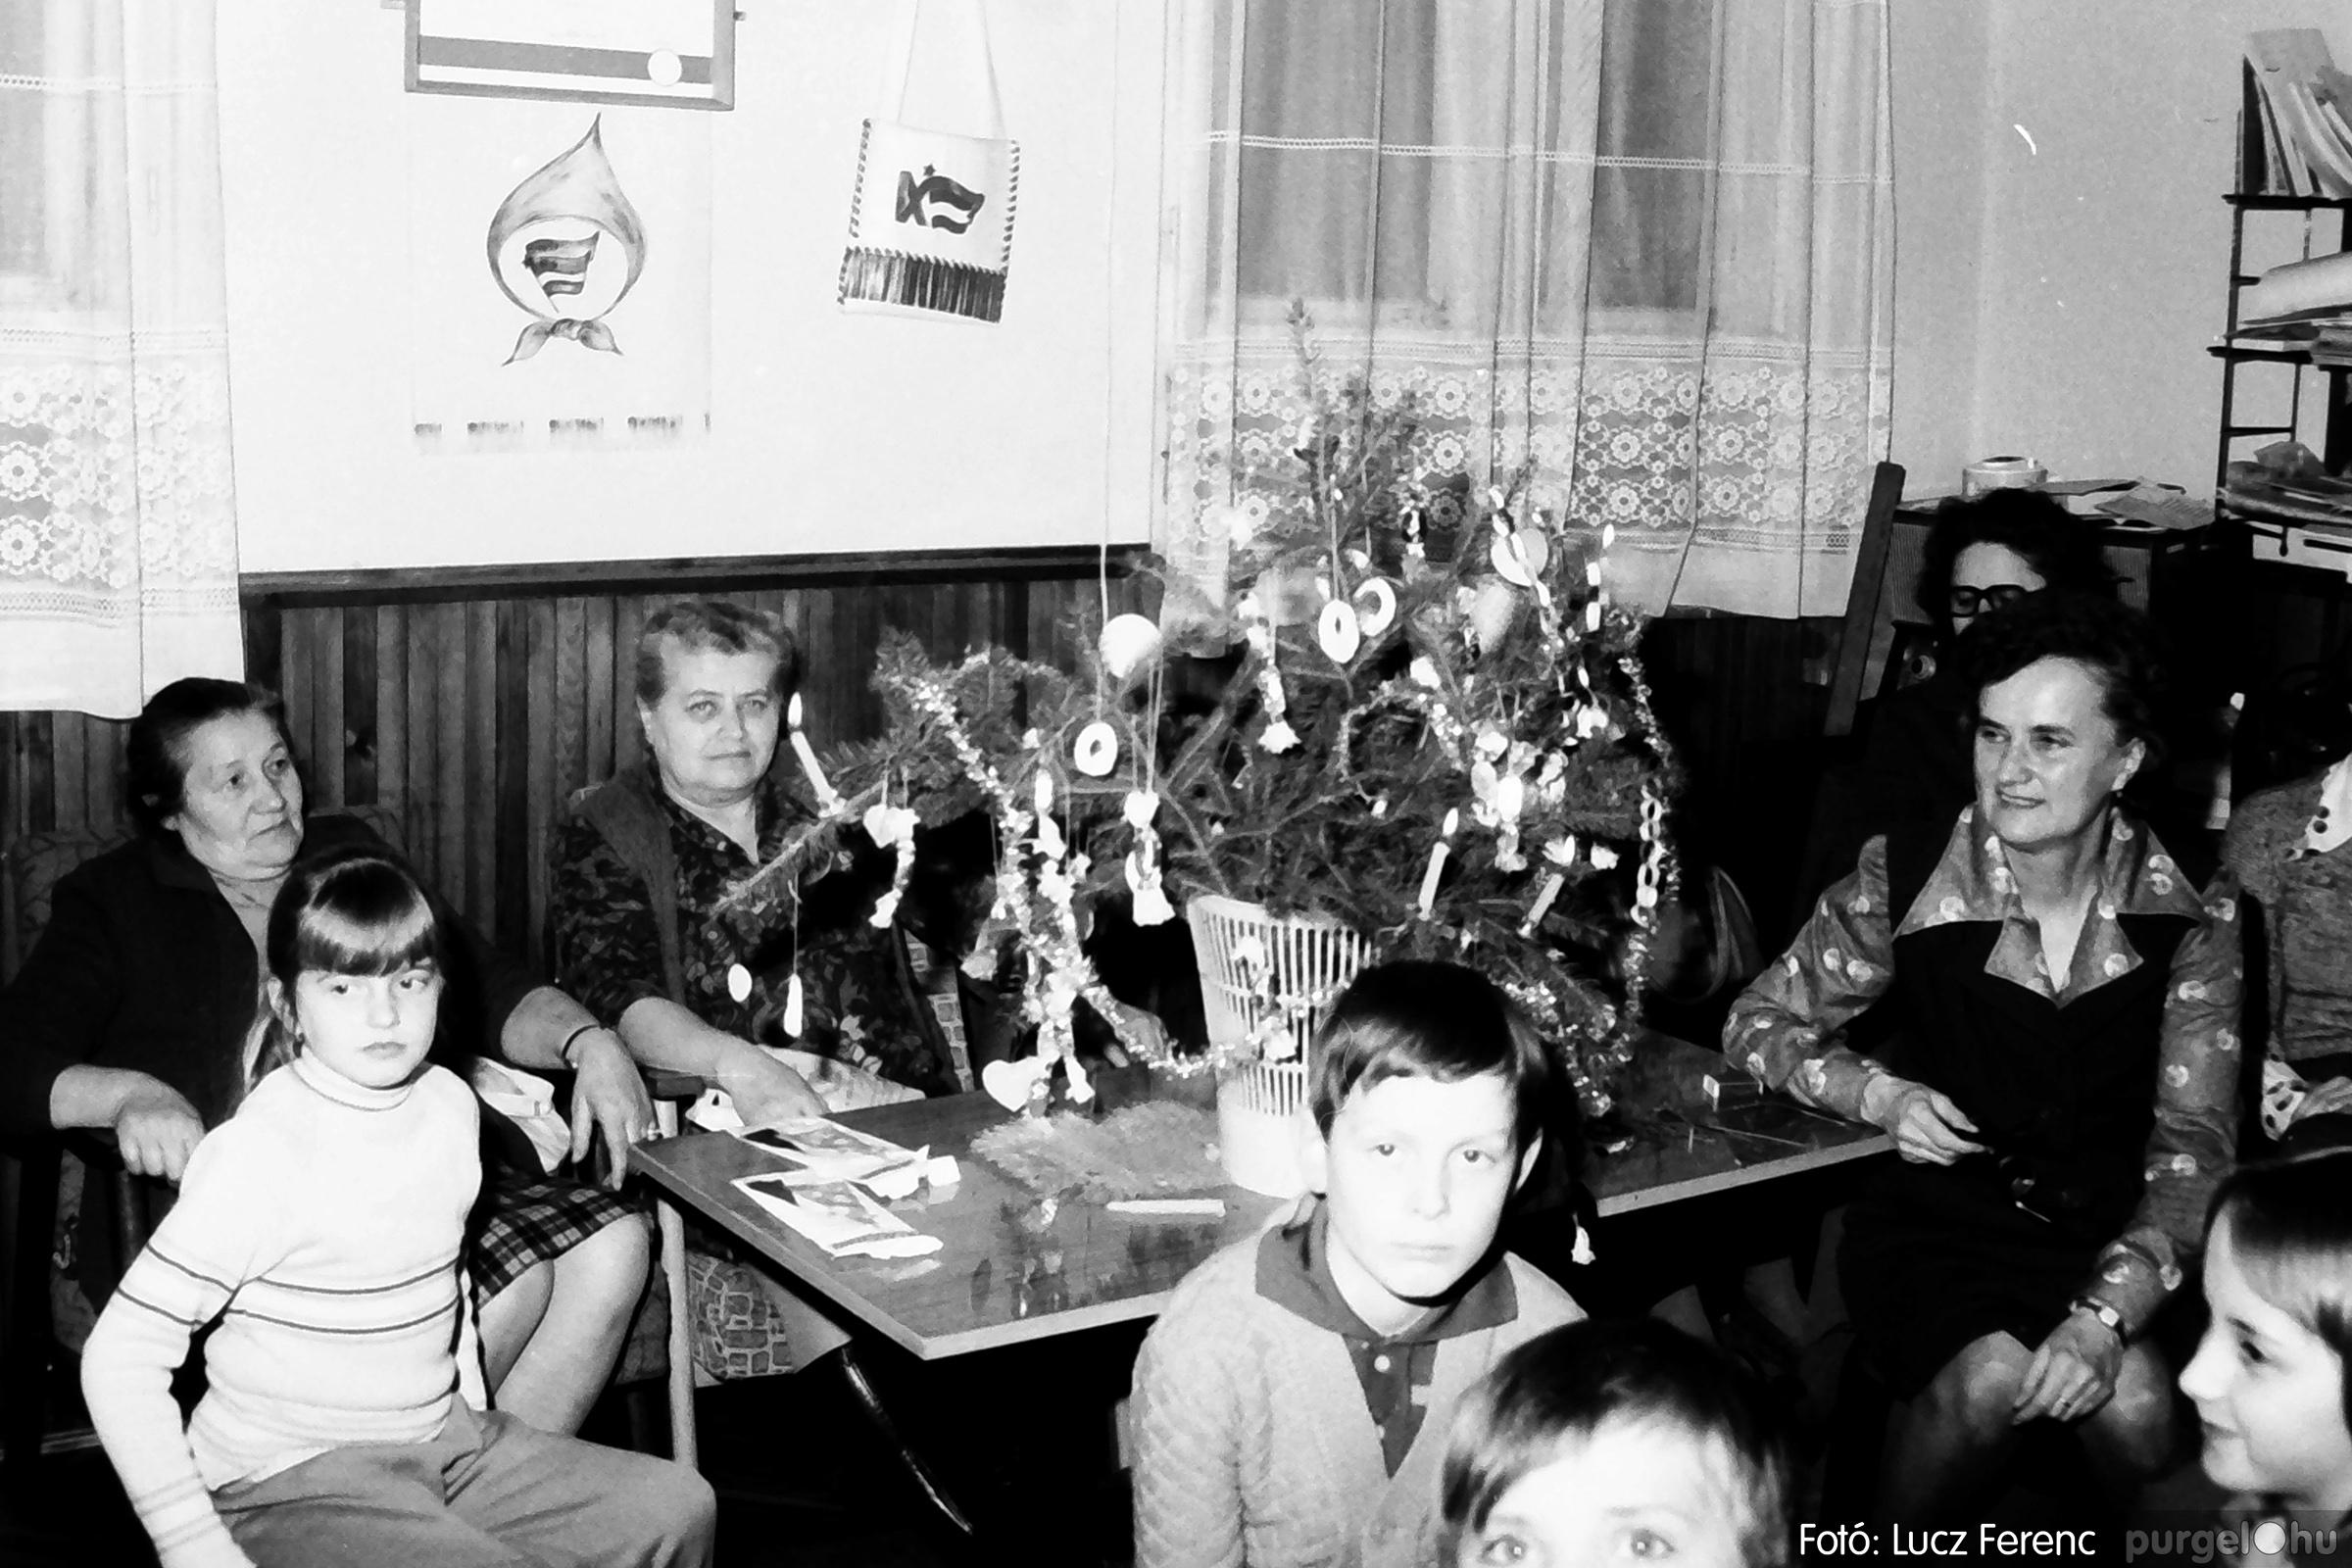 096. 1977. Karácsonyi összejövetel a kultúrházban 009. - Fotó: Lucz Ferenc.jpg